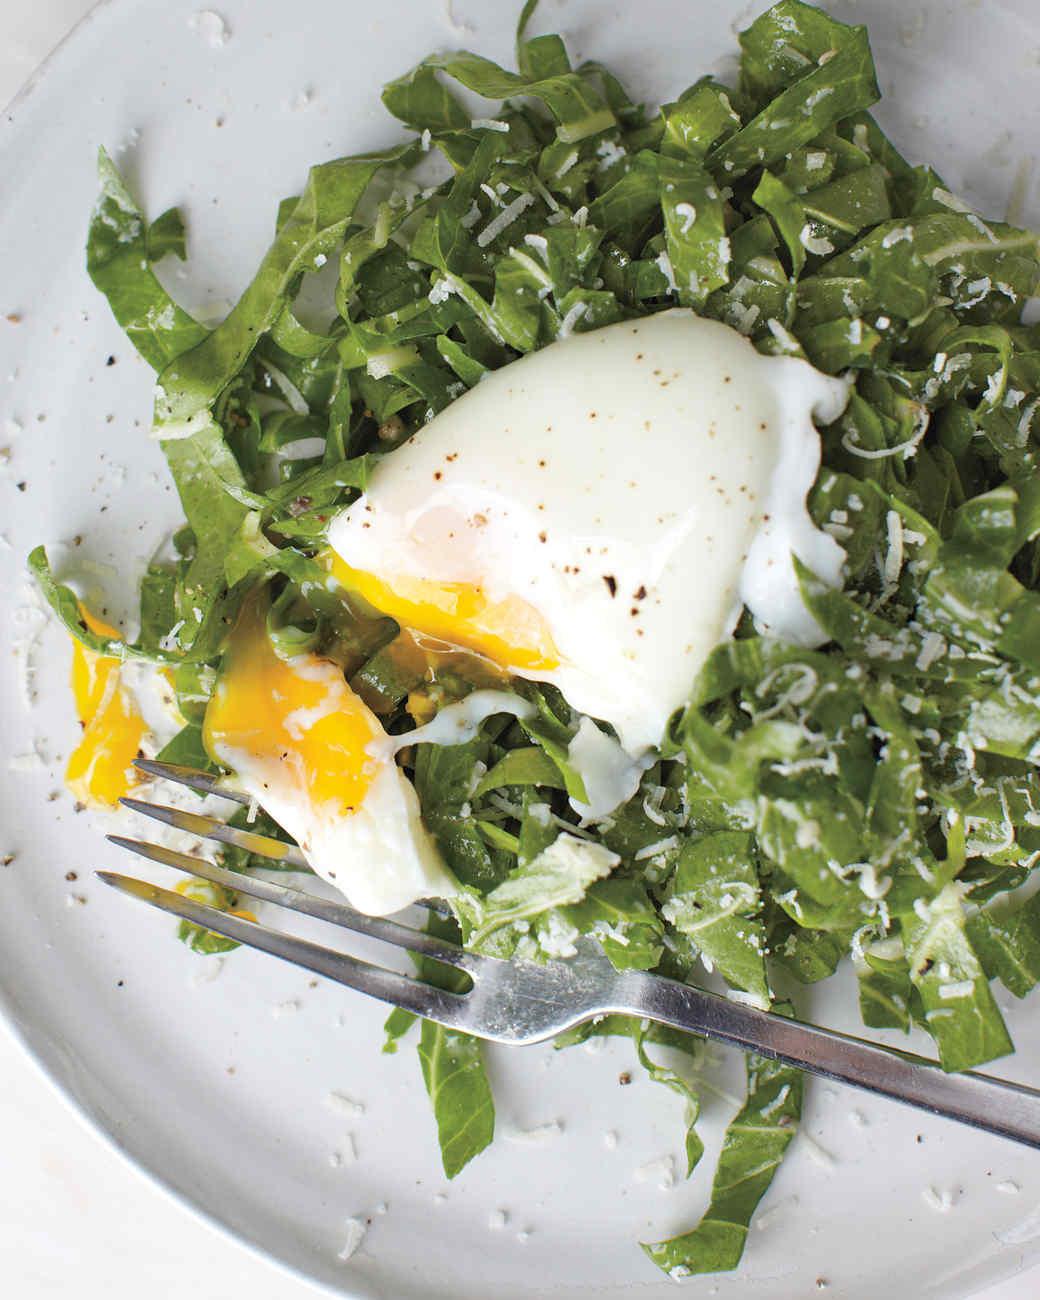 salad-chard-poached-egg-1011mbd107728.jpg